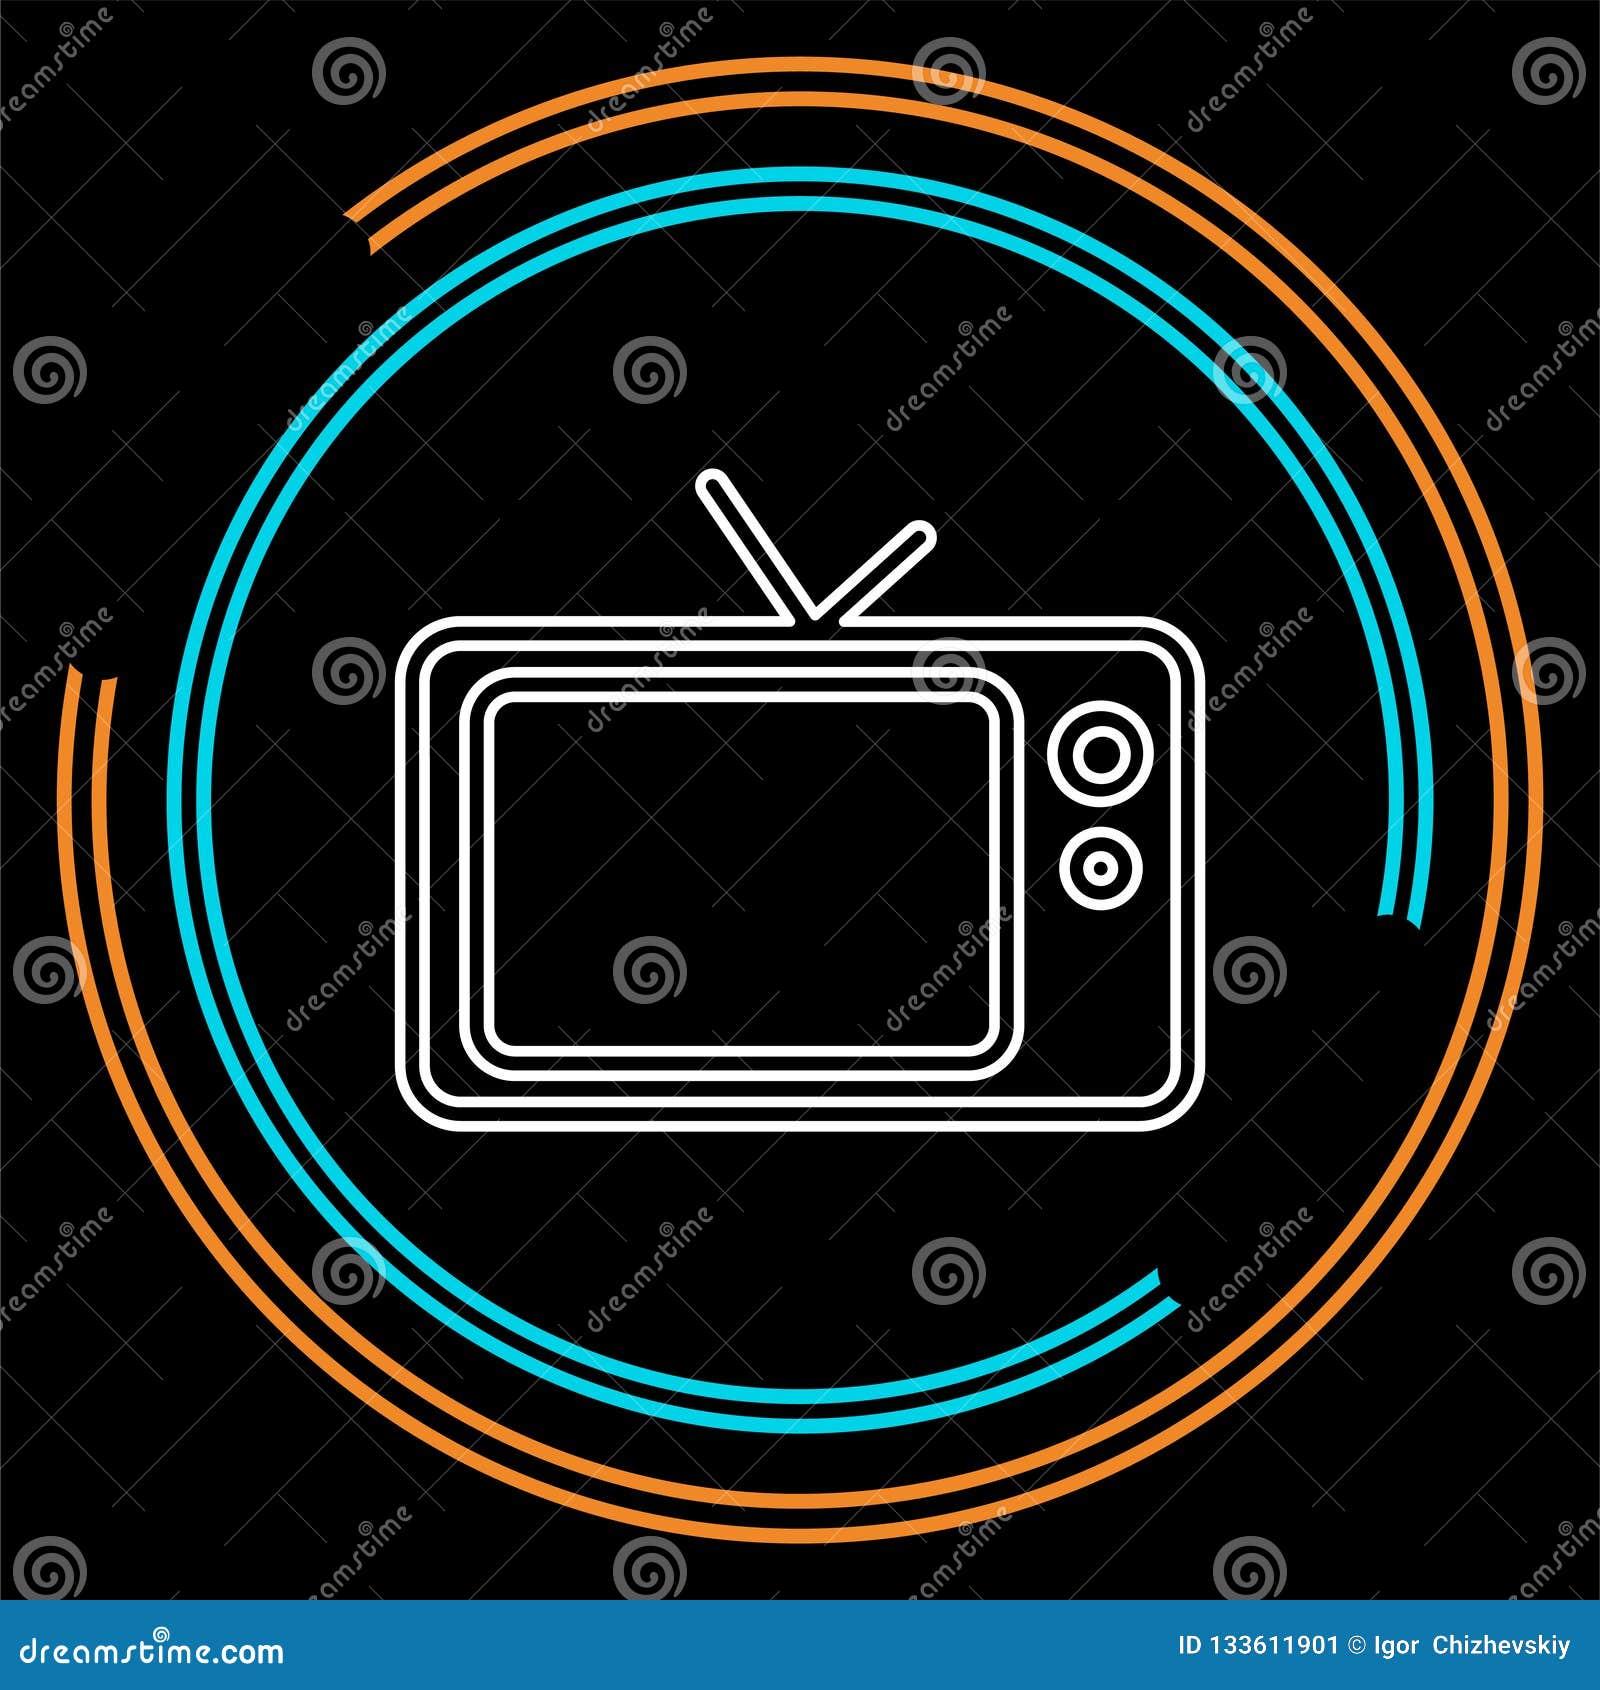 Tv ikona, wektorowa telewizja ekranu ilustracja, wideo przedstawienie, rozrywka symbol